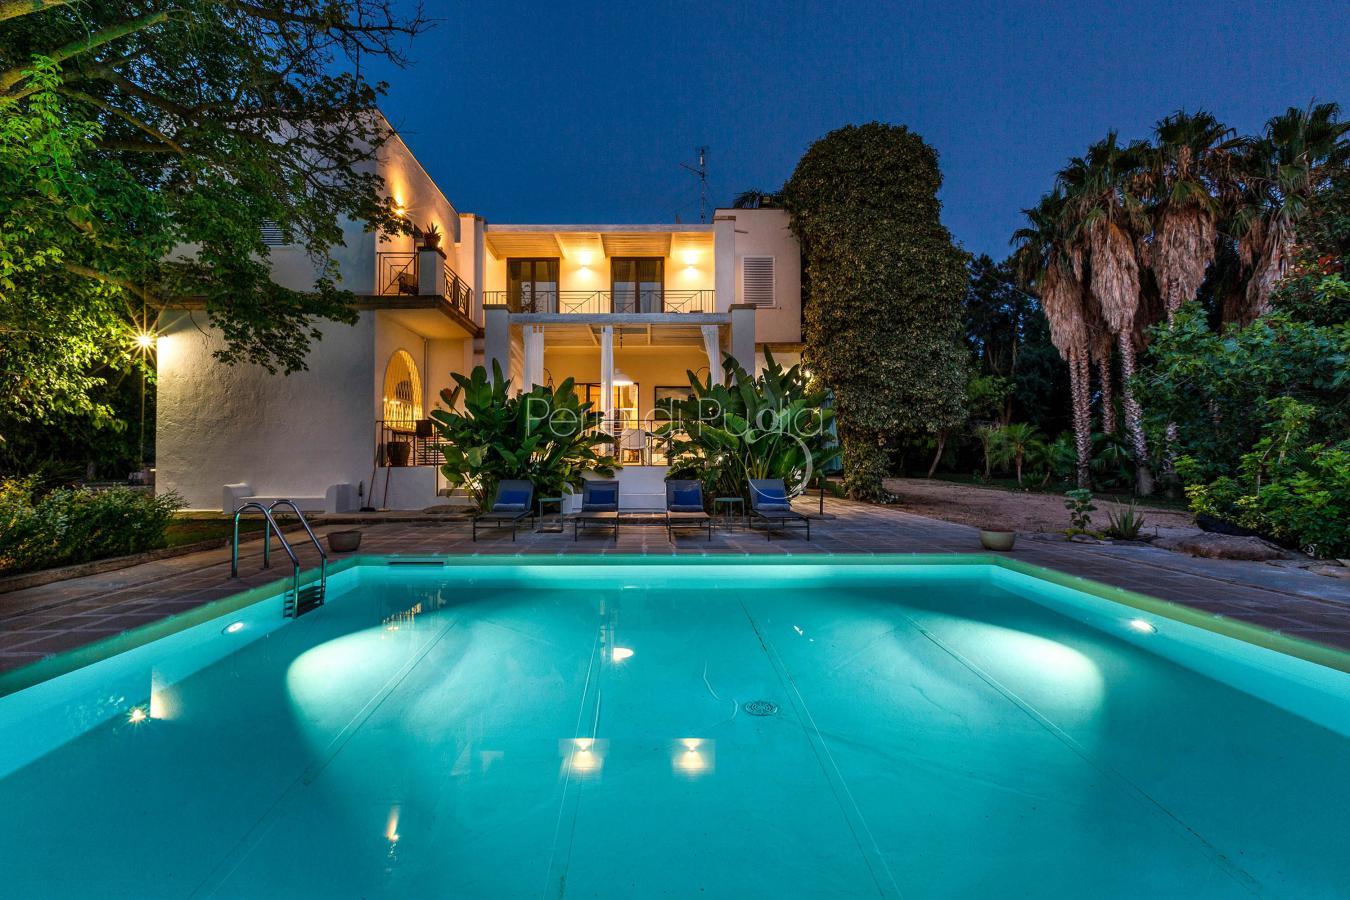 luxury villas - Alezio ( Gallipoli ) - Villa Casablanca (Extralusso)